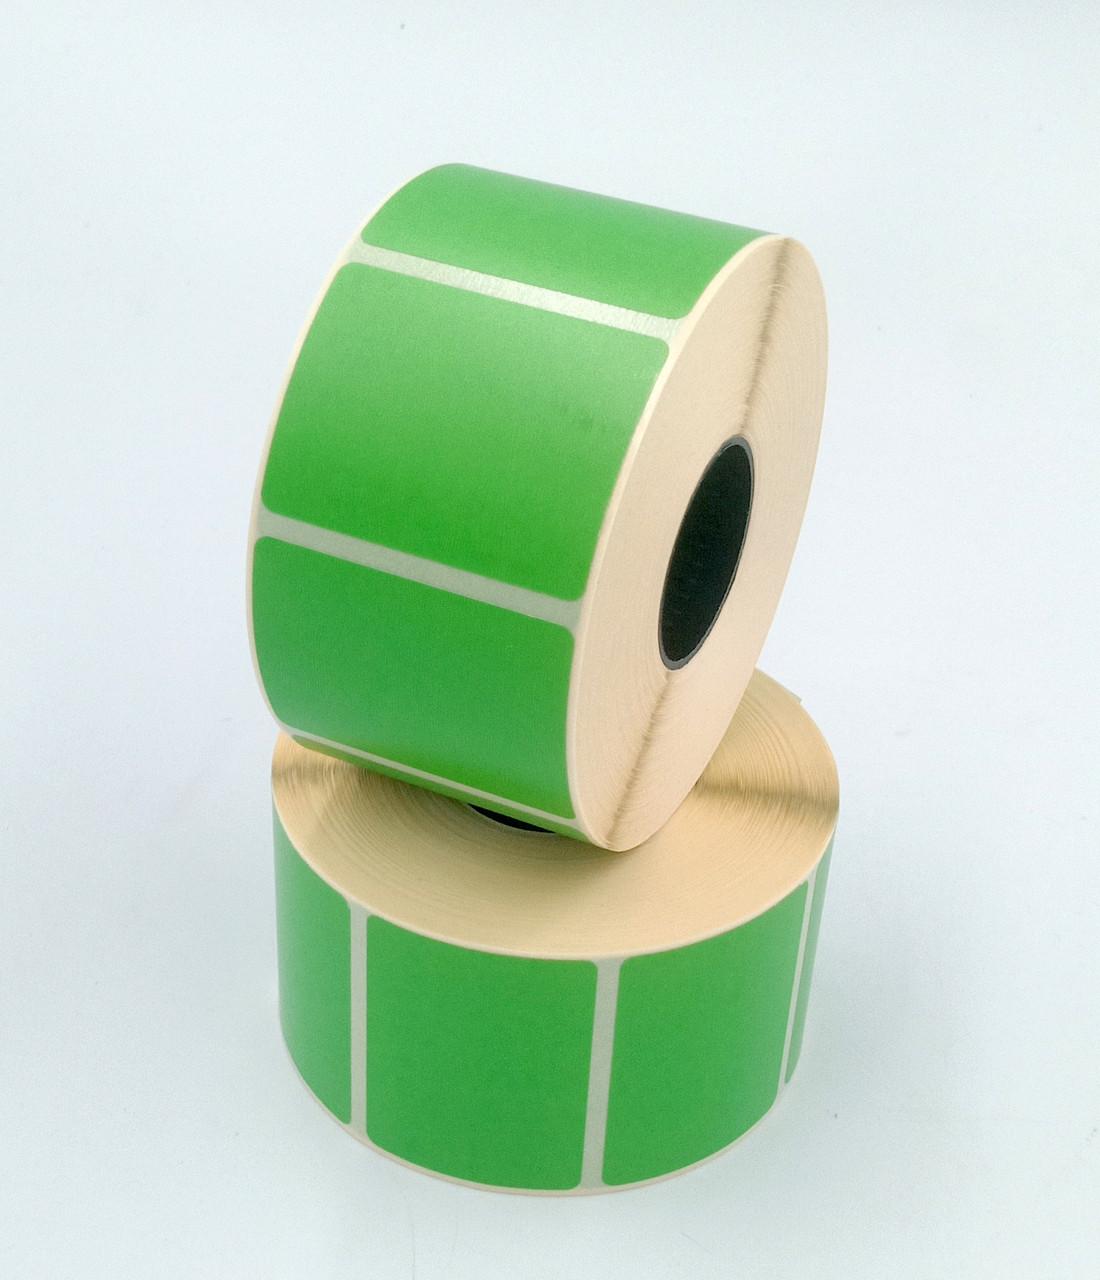 Термоэтикетка Т.Еко пантон 40*30 мм 1000 этикеток прямоугольная 5 шт зелёная (4030T1000V25G)